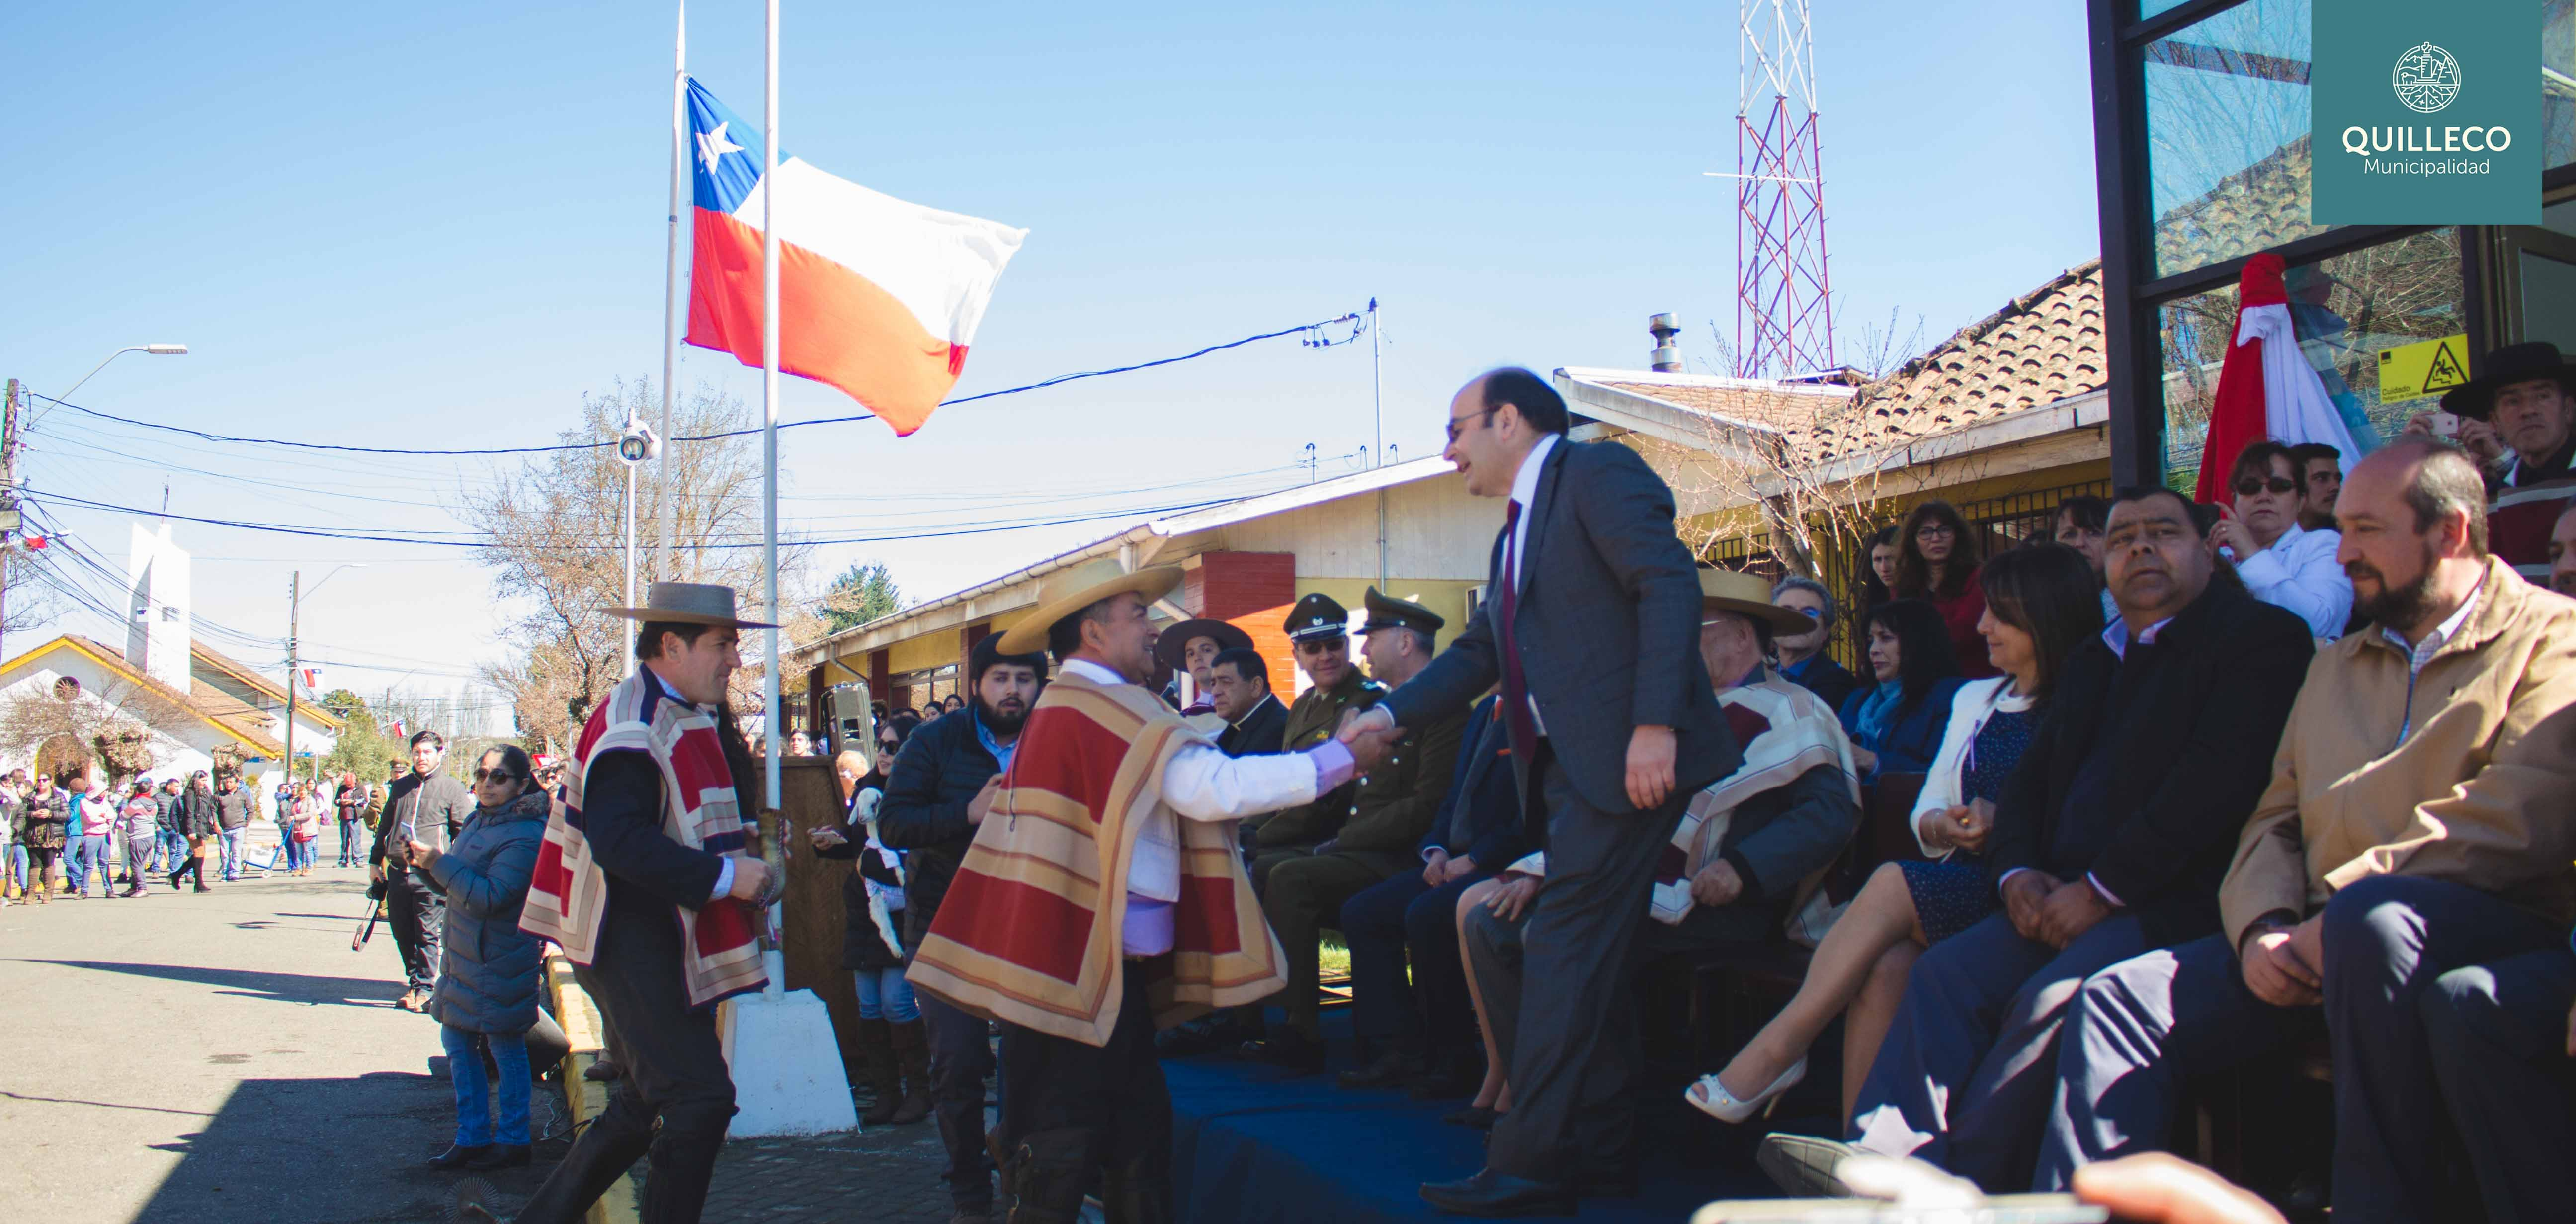 La masividad de público destacó en estas Fiestas Patrias 2017